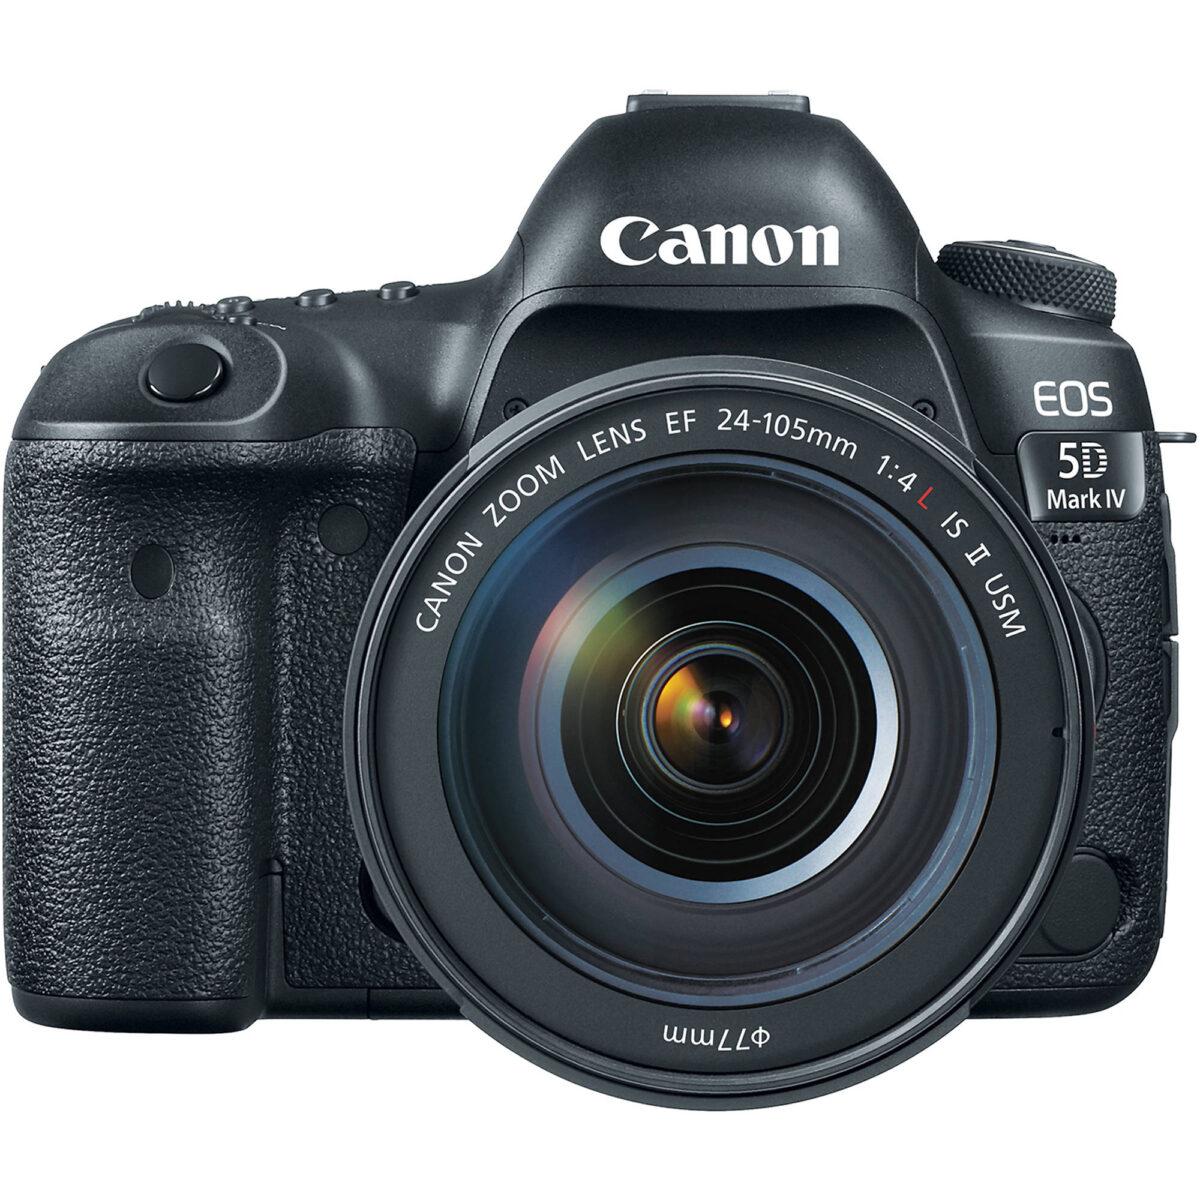 مشخصات، خرید و قیمت دوربین canon eos 5d mark IV تایپ 2 - یزد کمرا